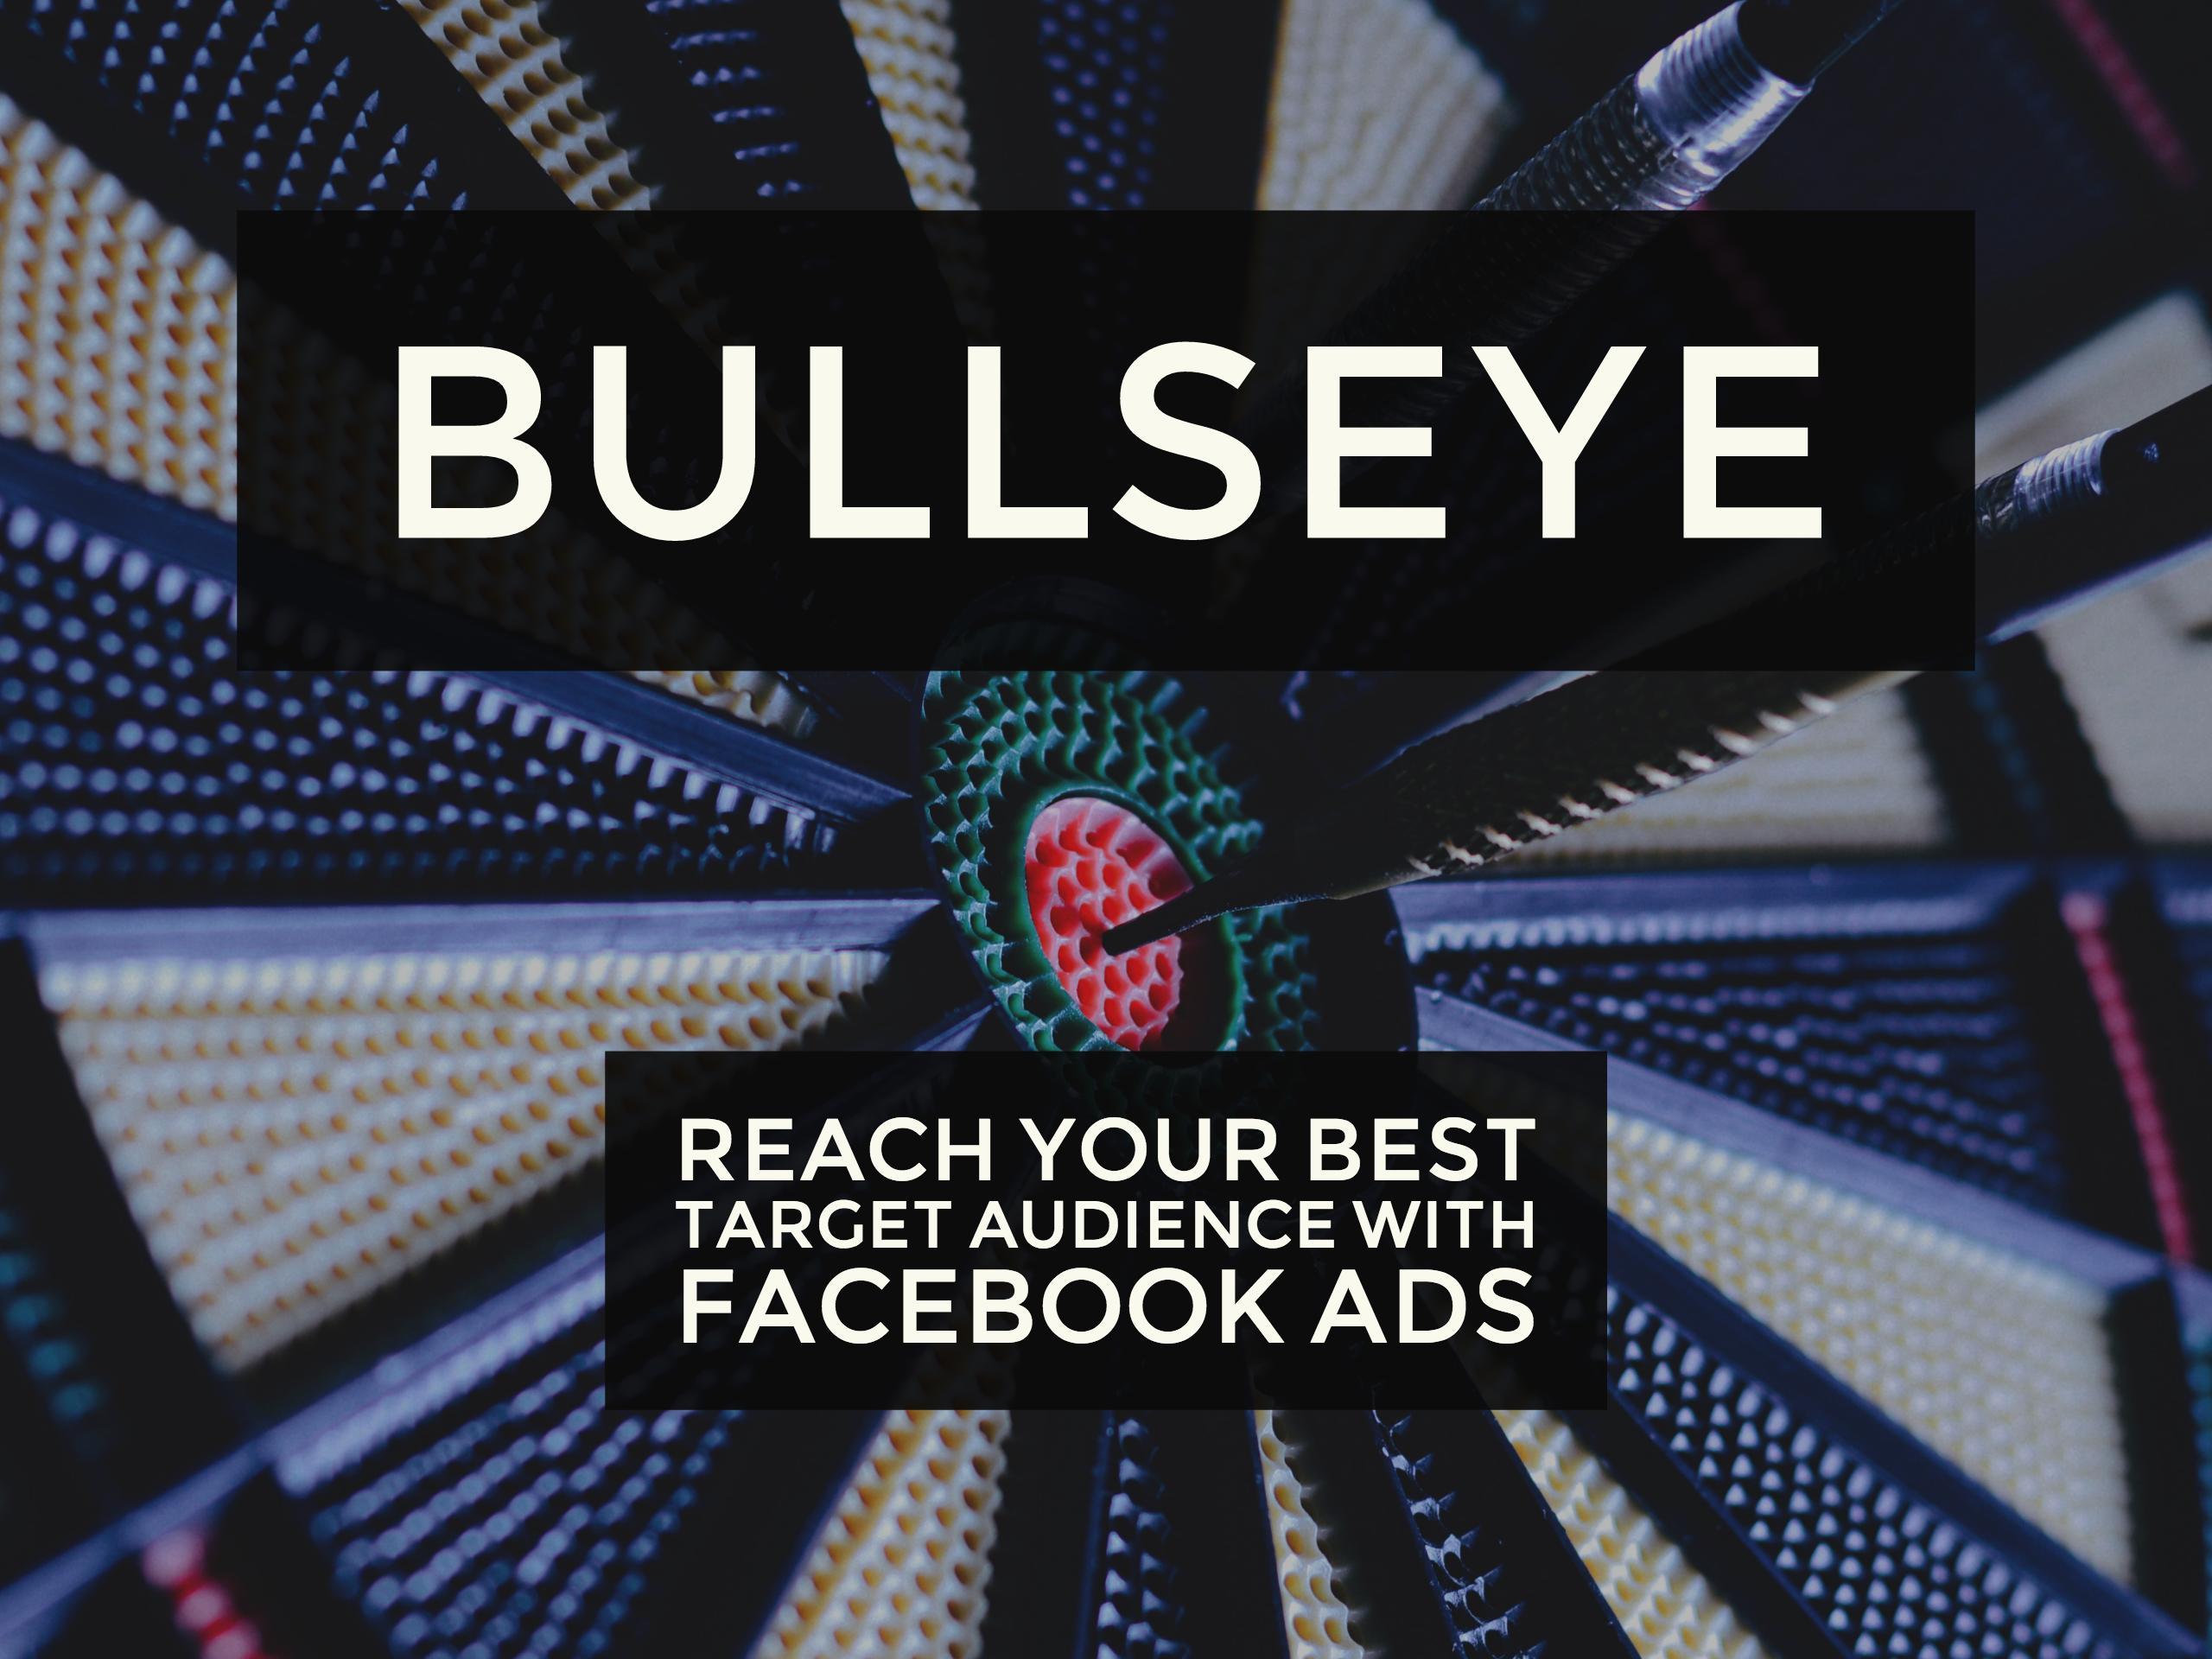 Bullseye Adobe Spark 21